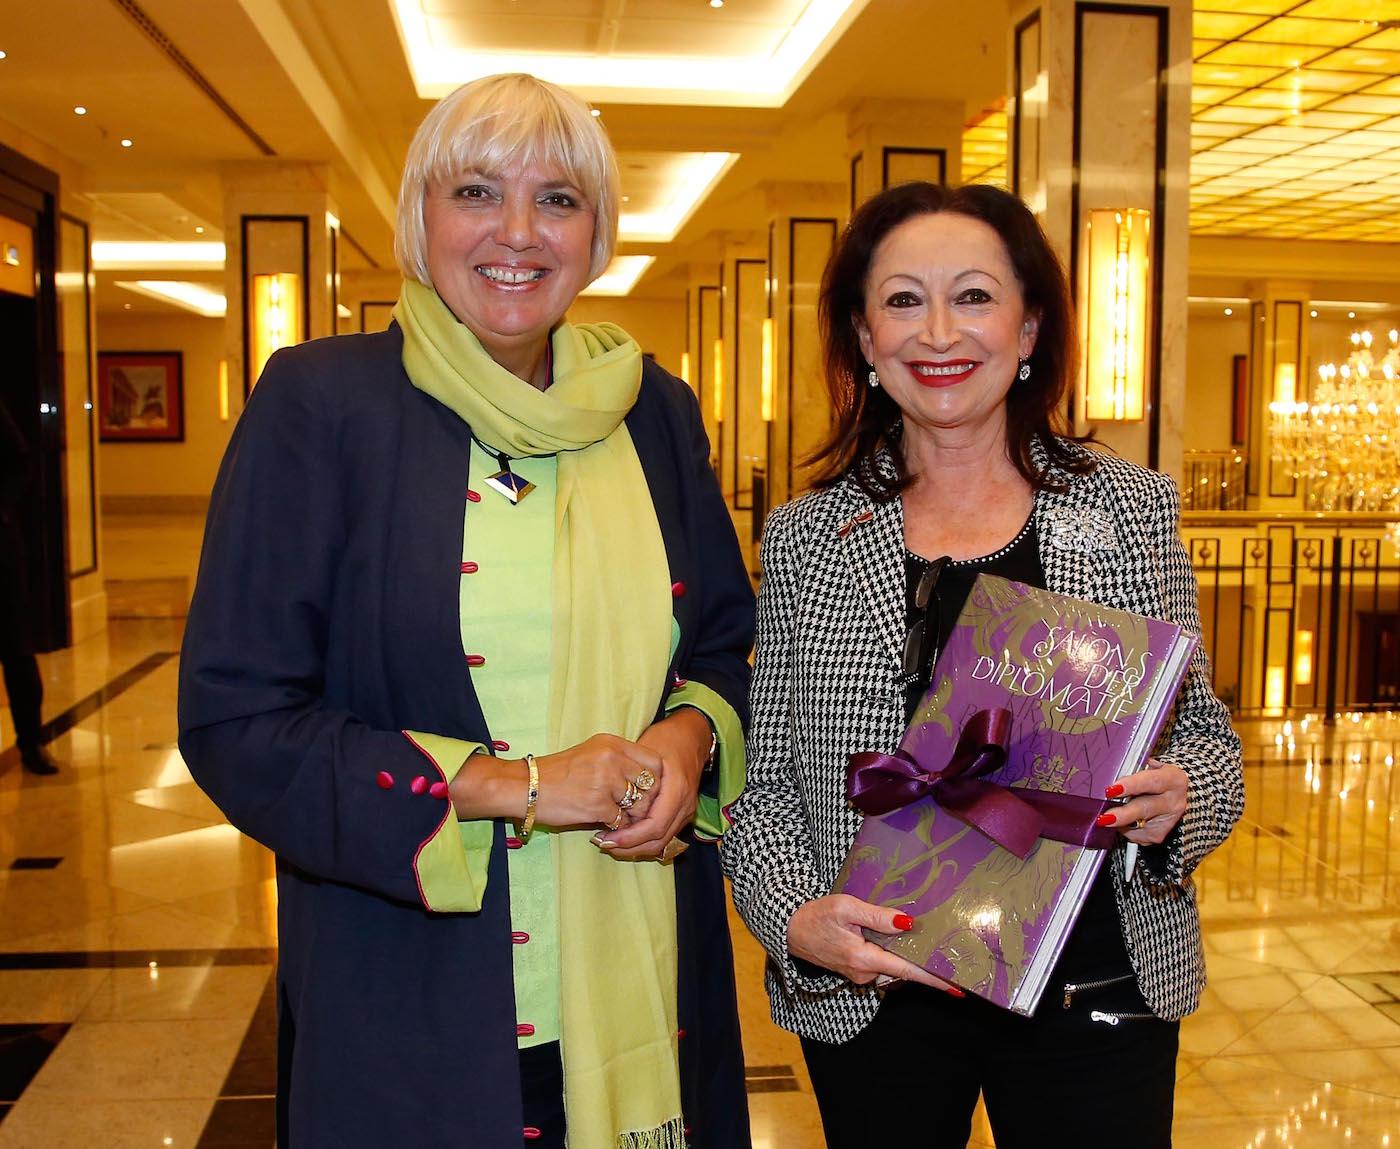 Claudia Roth Vizepräsidentin Deutscher Bundestag), Mania Feilcke-Dierck (Praesidentin Ambassadors Club) beim bei der Ambassadors Club Veranstaltung -Women for Peace- im MARITIM Hotel berlin.